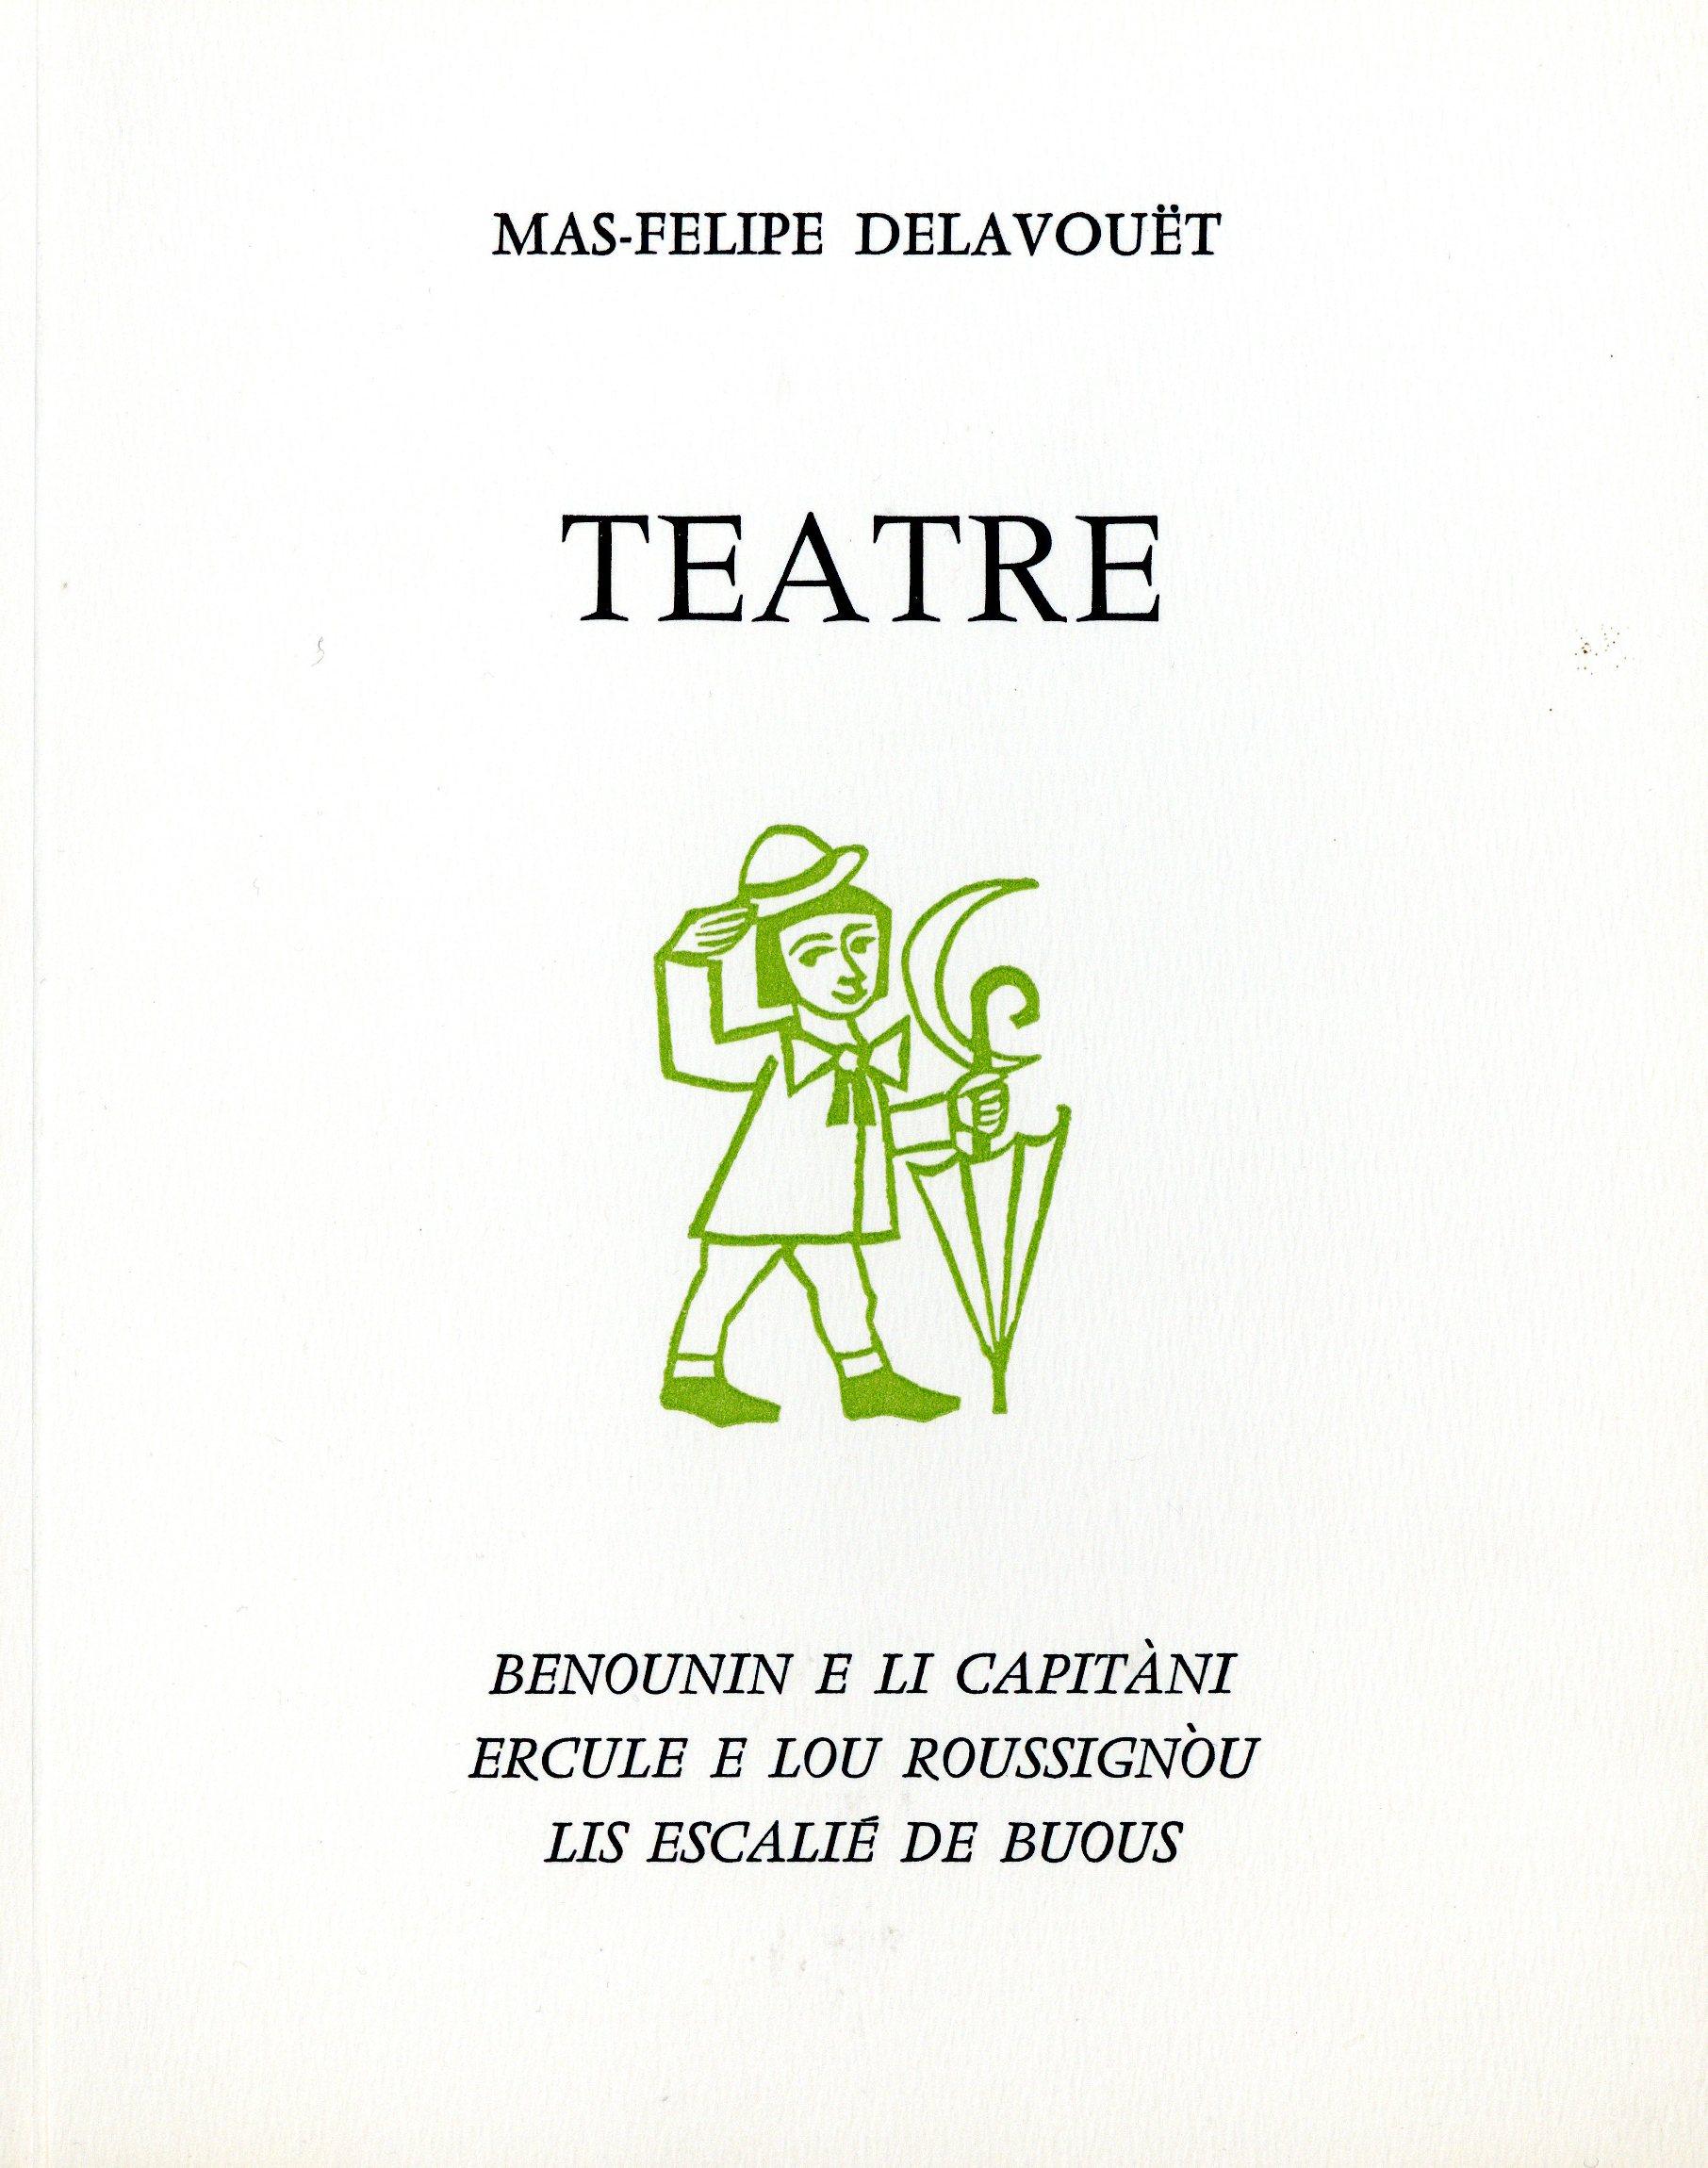 Théâtre20171228_17364151